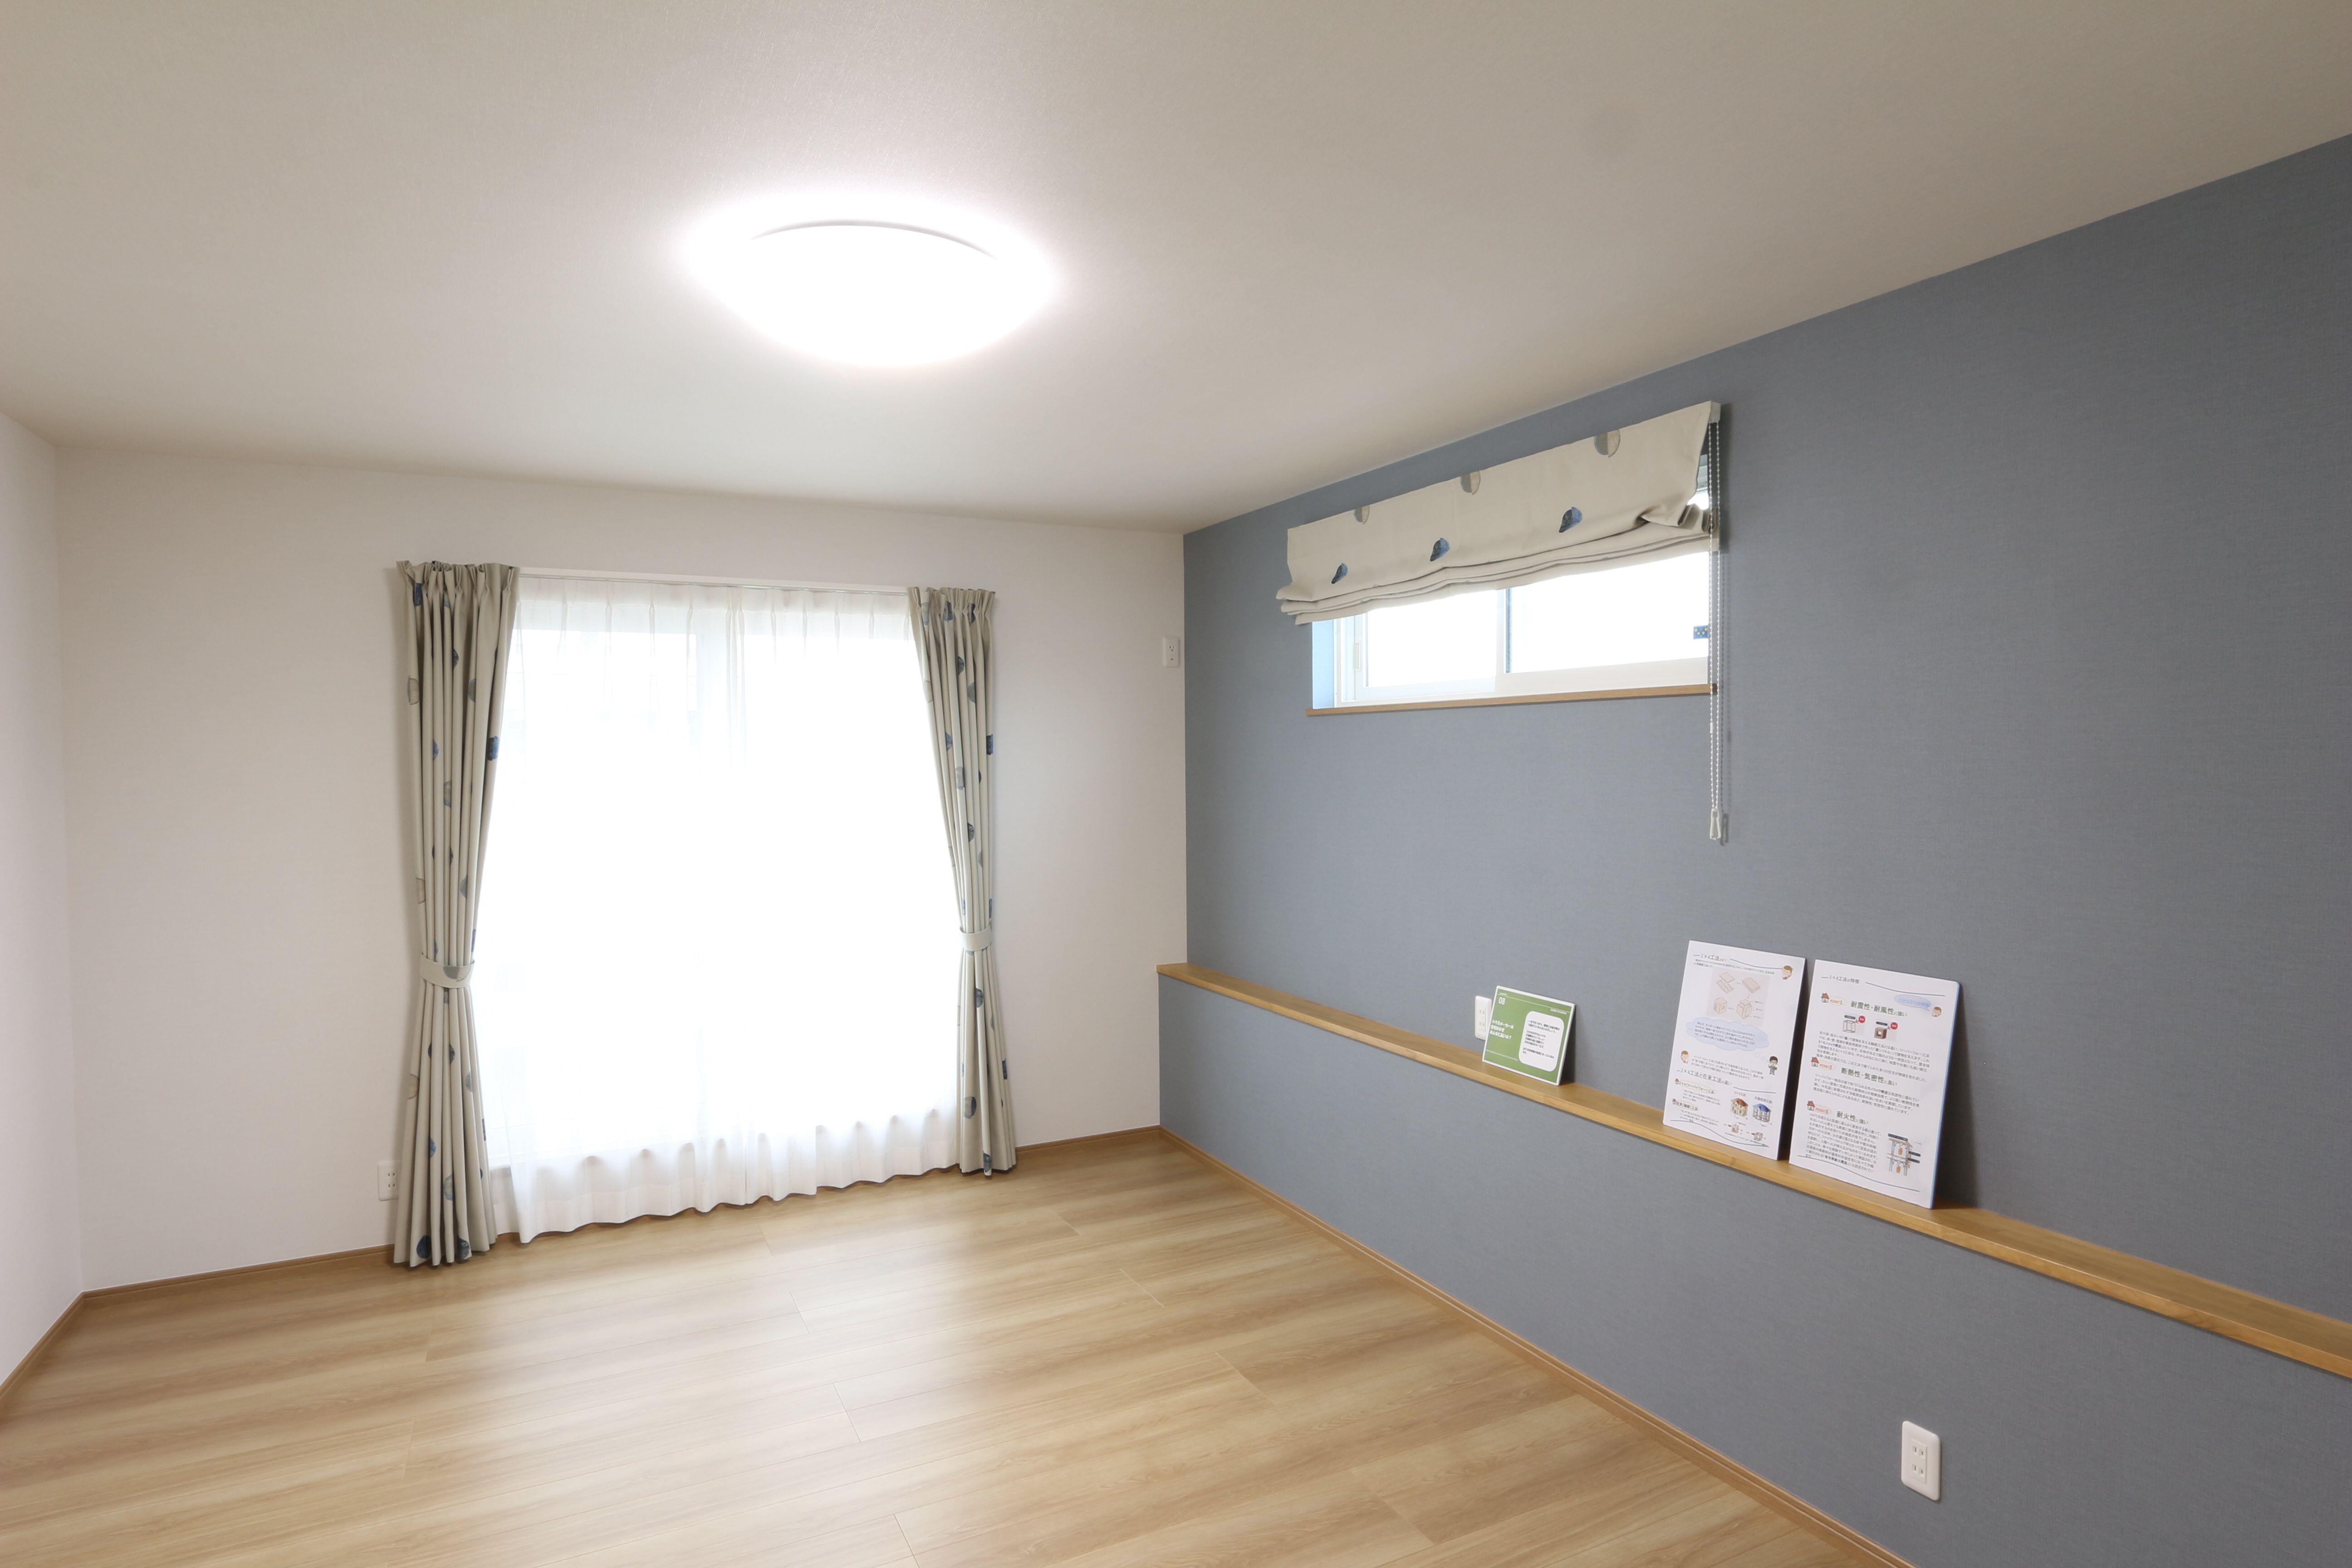 カウンターが便利な寝室 Knock On The Door Home Decor Home Decor Decals